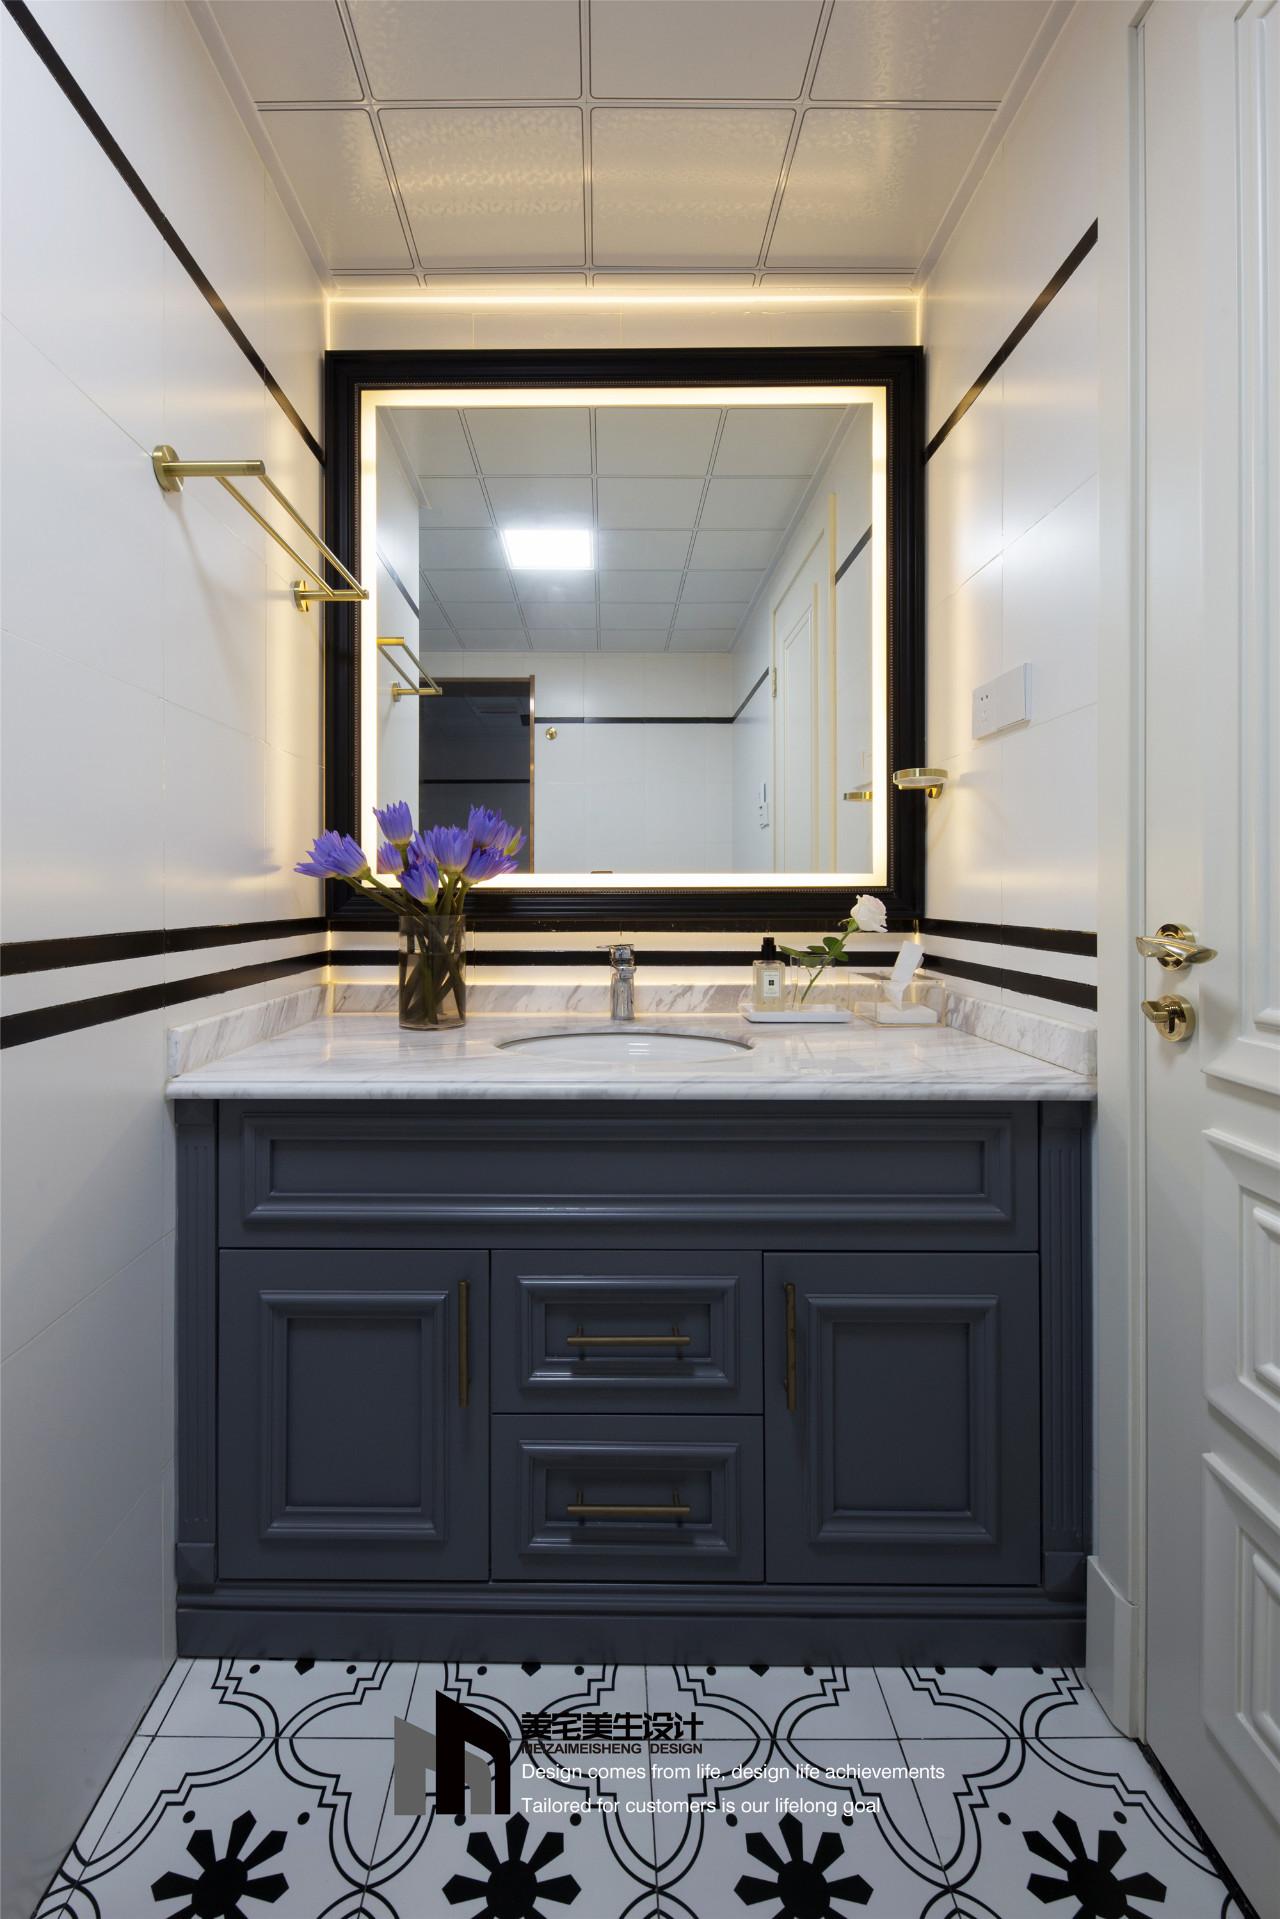 80㎡法式两居浴室柜装修效果图